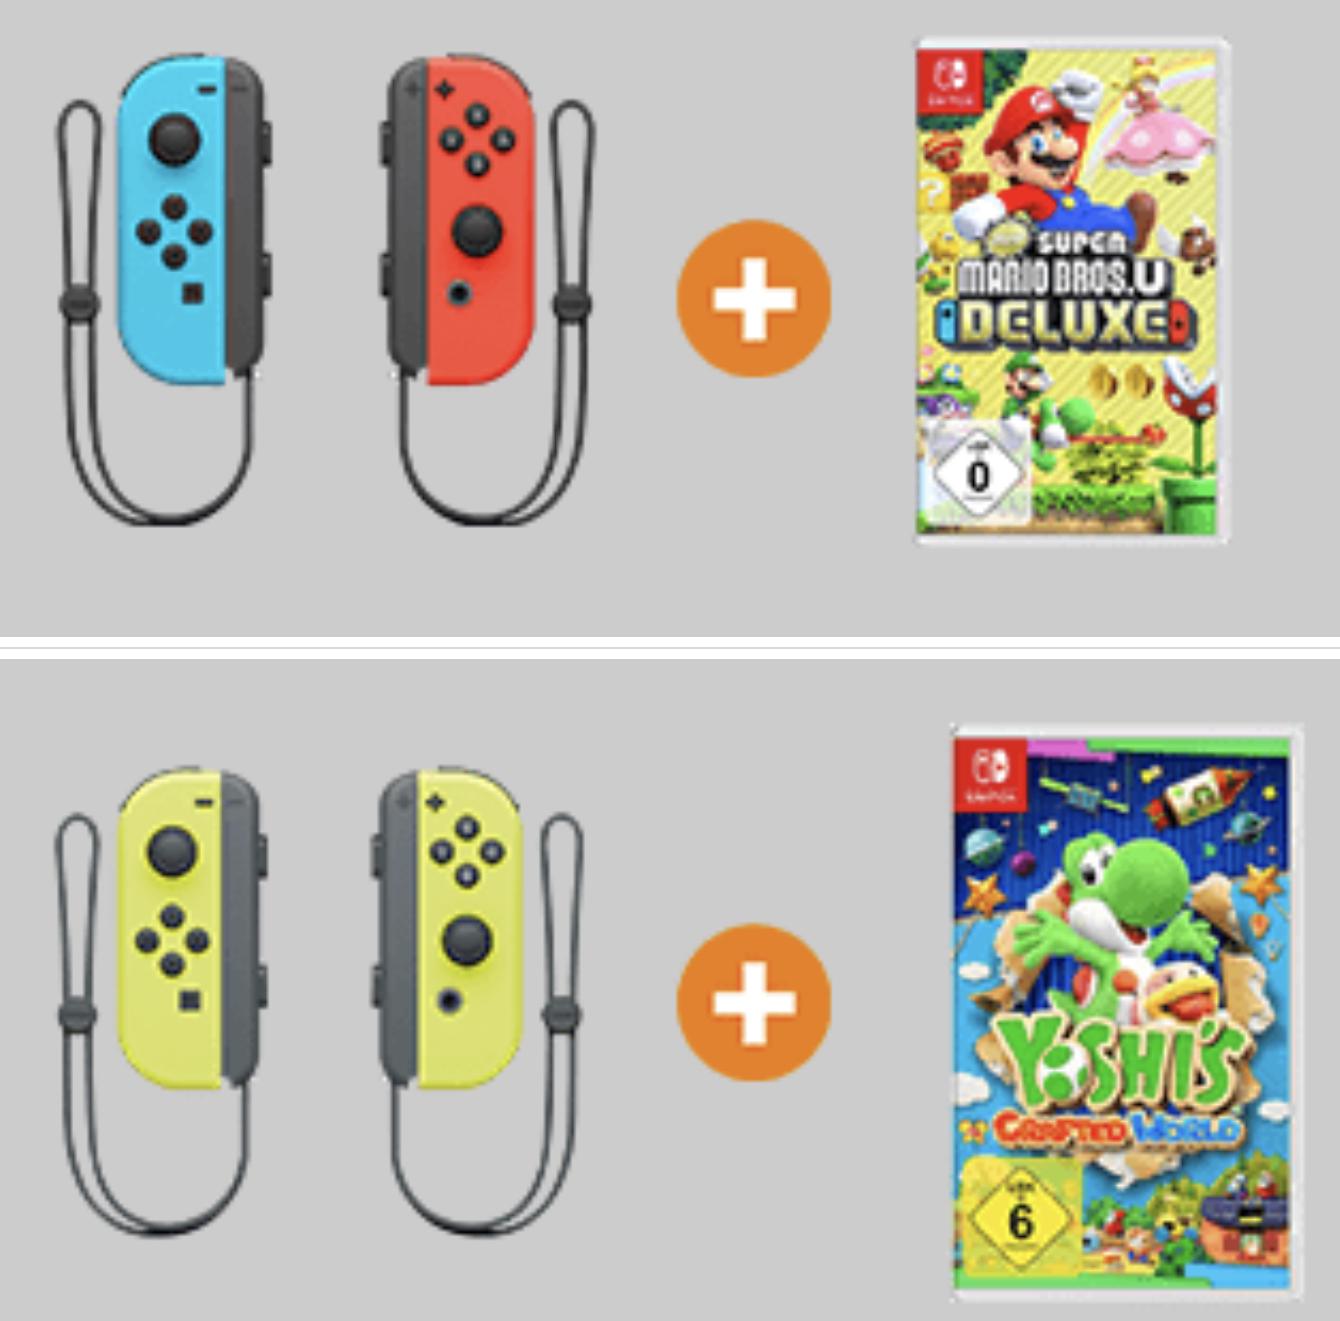 Nintendo Switch Joy-Con 2er Set + New Super Mario Bros. U Deluxe oder Yoshis Crafted World für 79€ inkl. Versandkosten mit Paydirekt